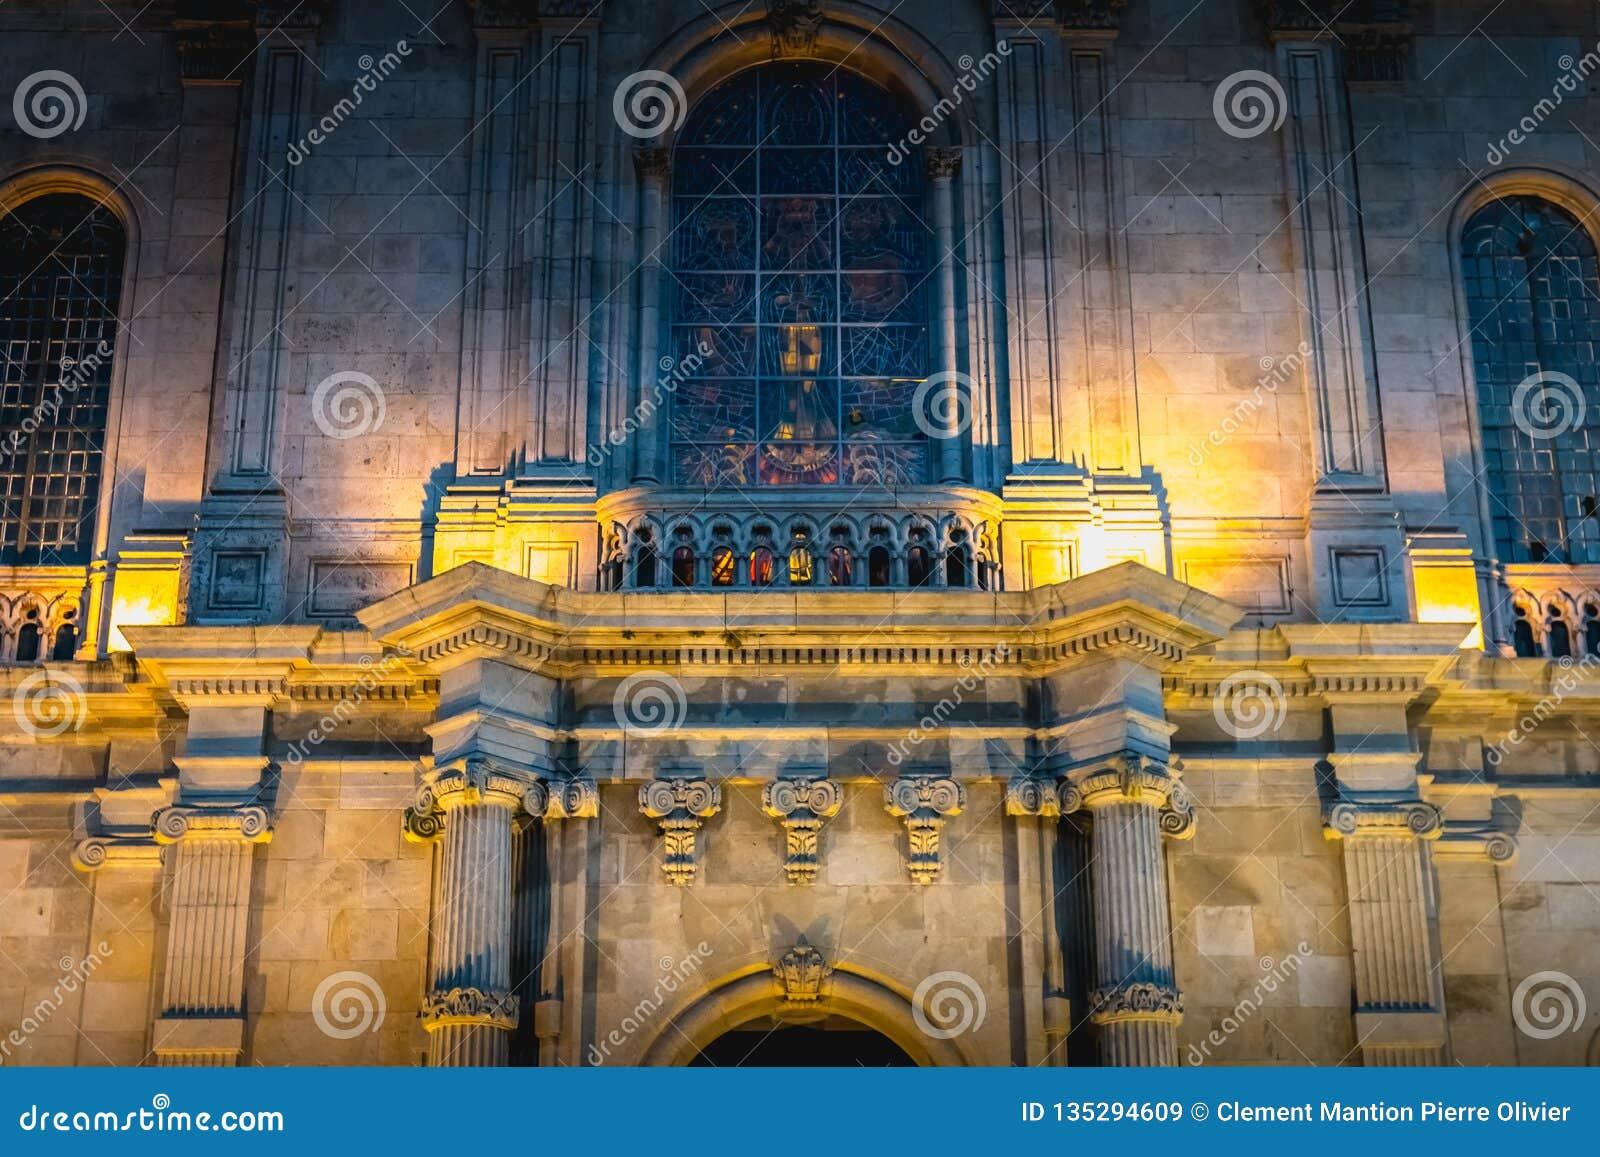 Detalle arquitectónico de la basílica de nuestra señora de Sameiro cerca de Braga